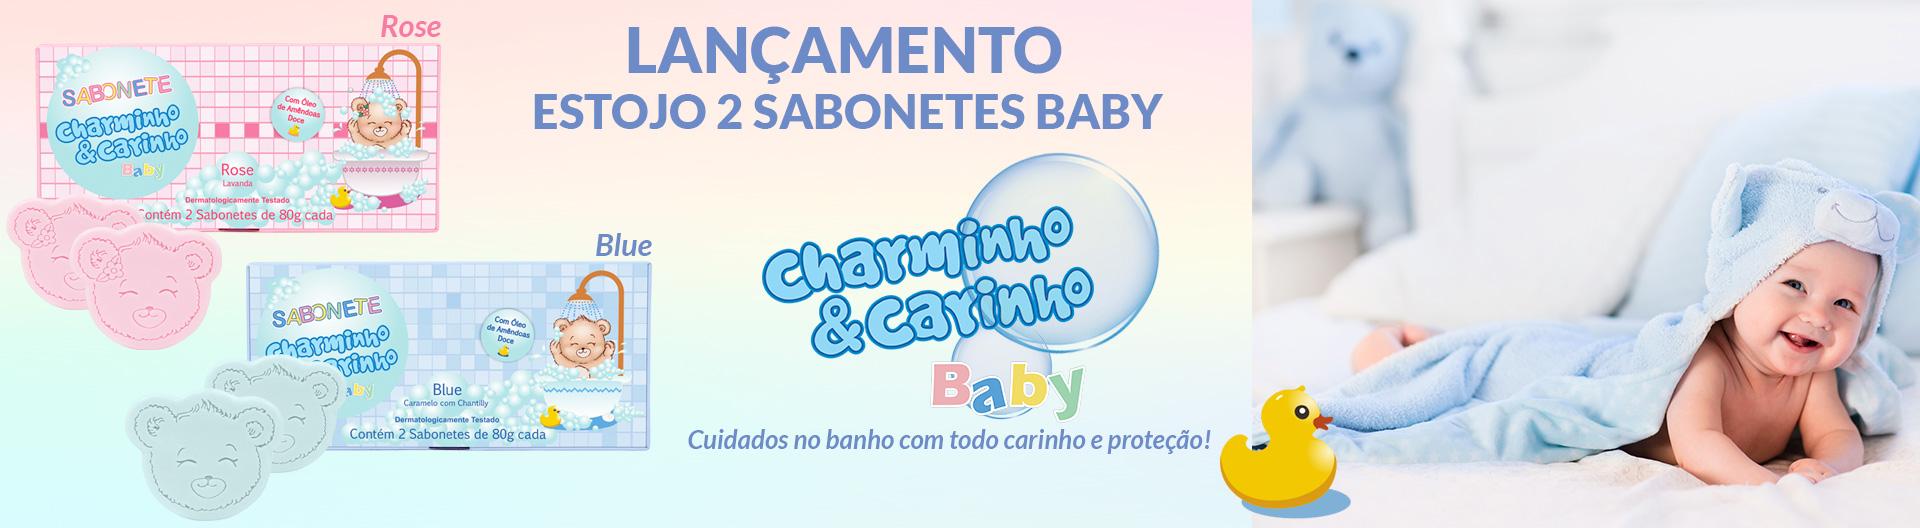 Home - Charminho Carinho Baby